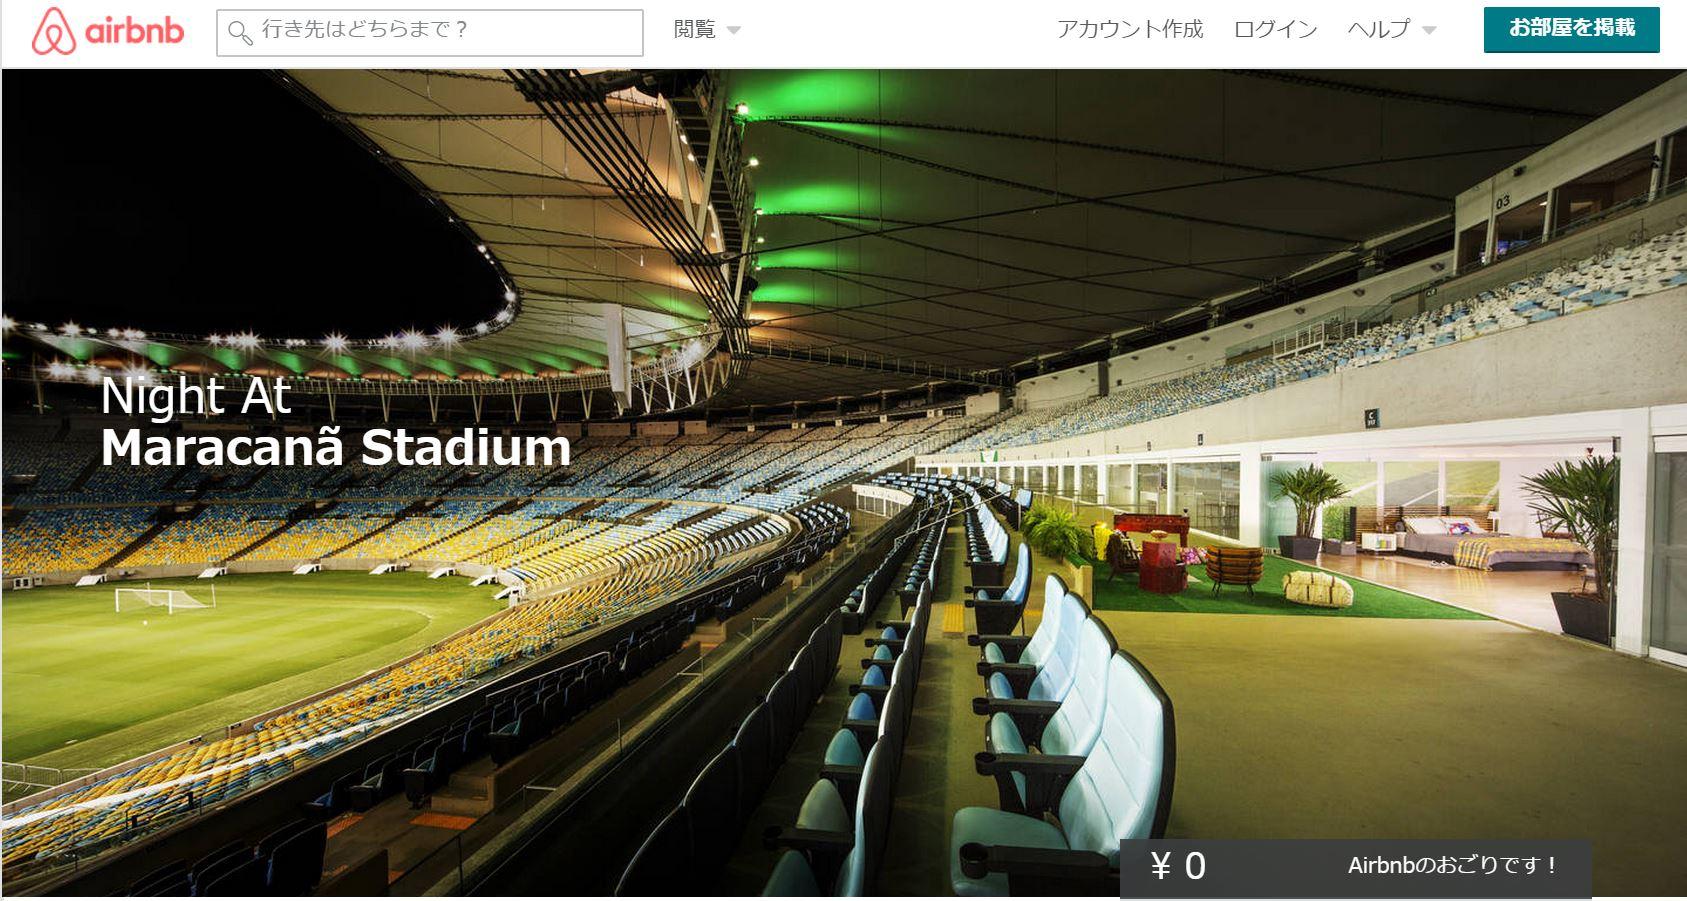 Airbnb、リオデジャネイロ・有名スタジアムのVIPルームに宿泊してサッカー観戦する企画発表